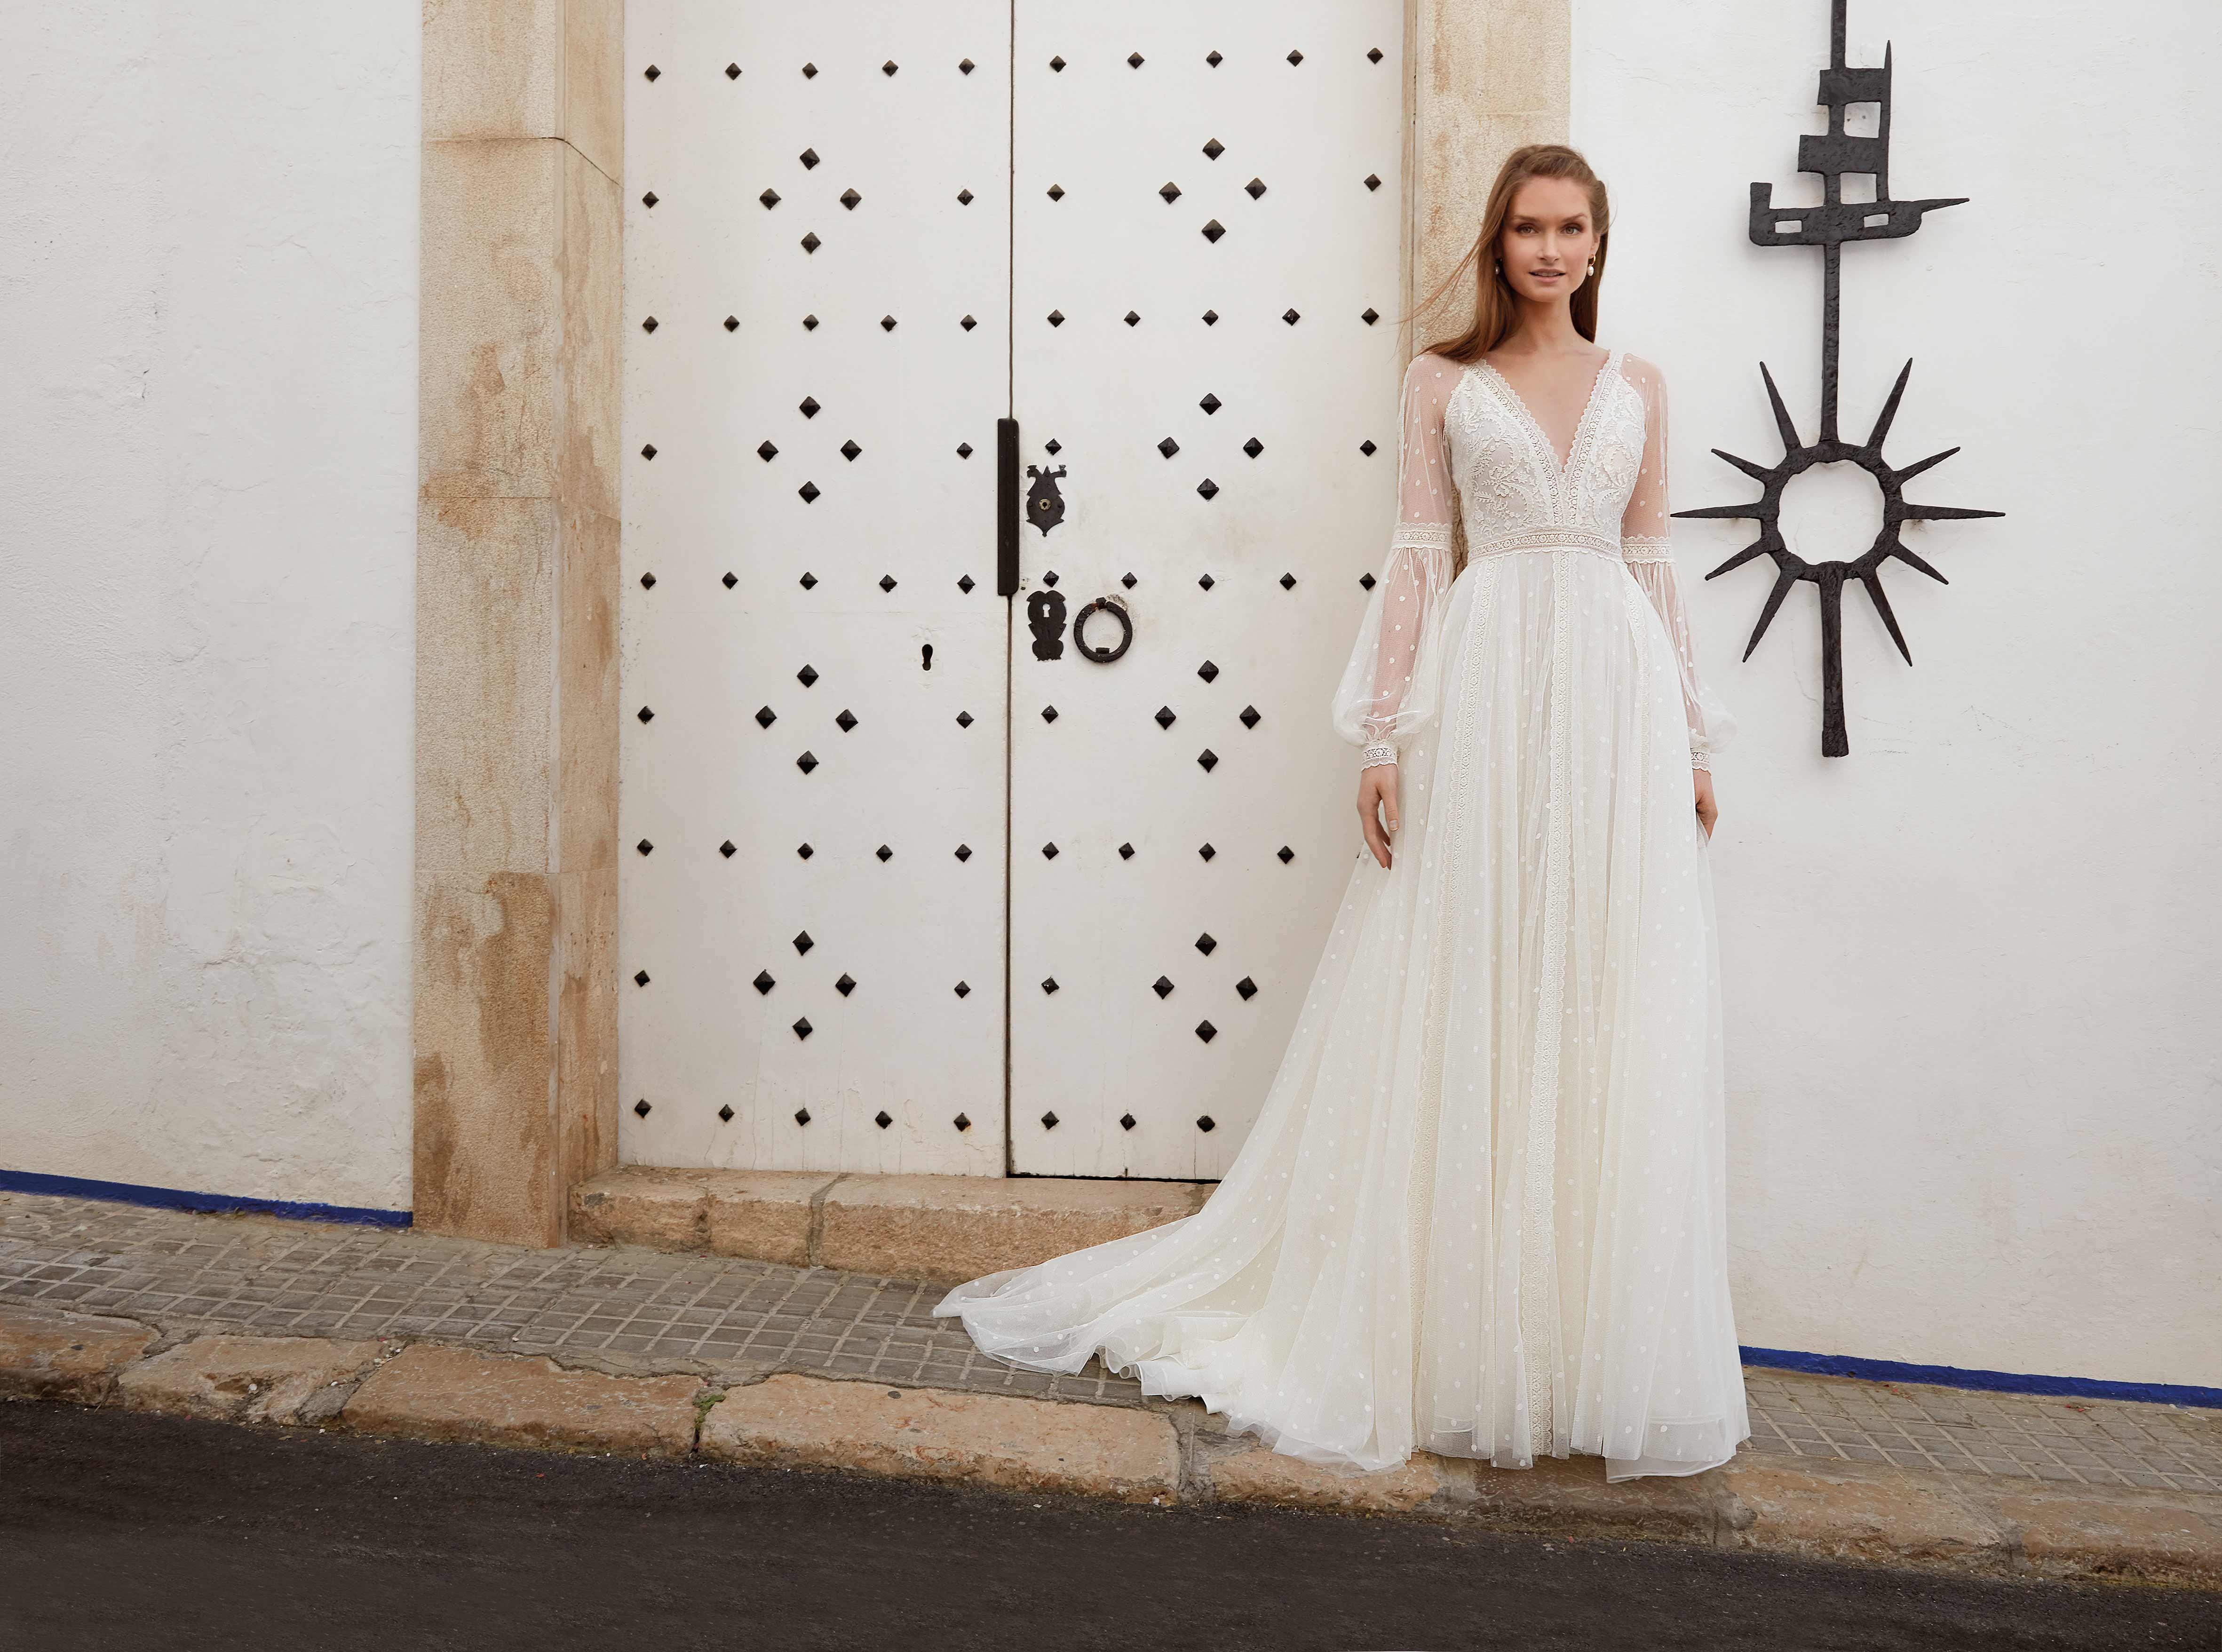 vestido novia bohemio en valencia